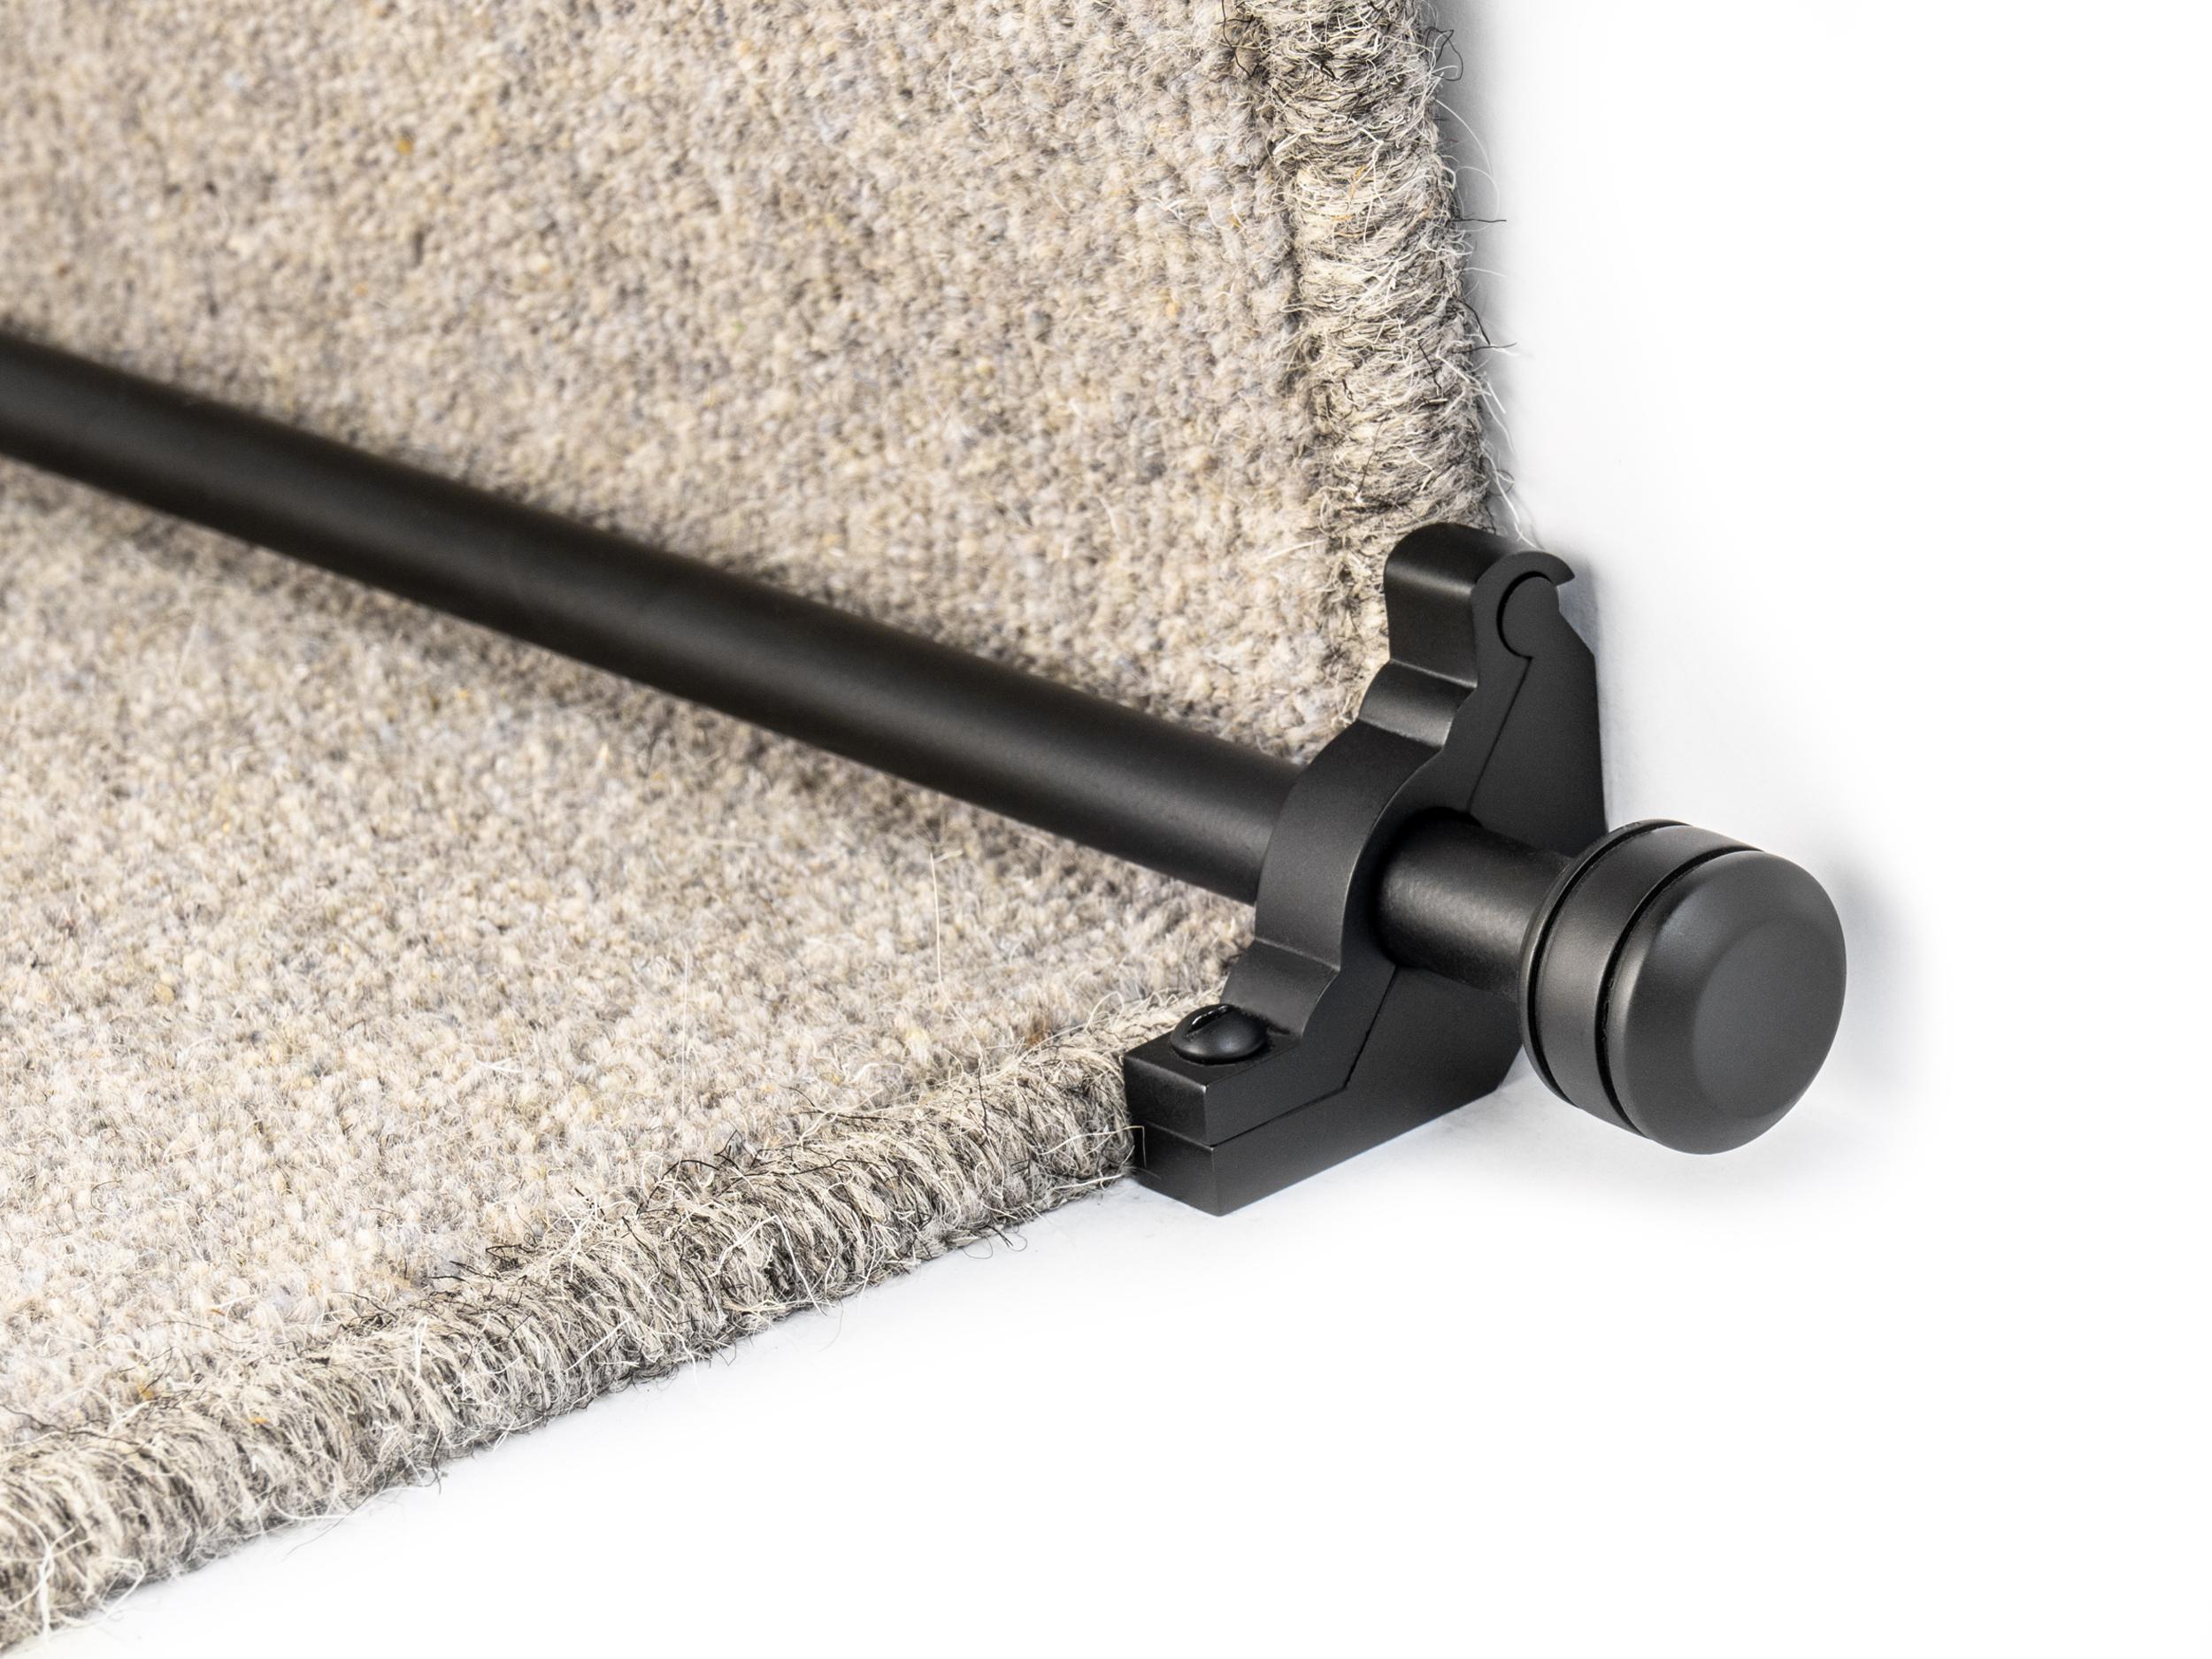 stairrods-black-vision-piston-plain 1.jpg